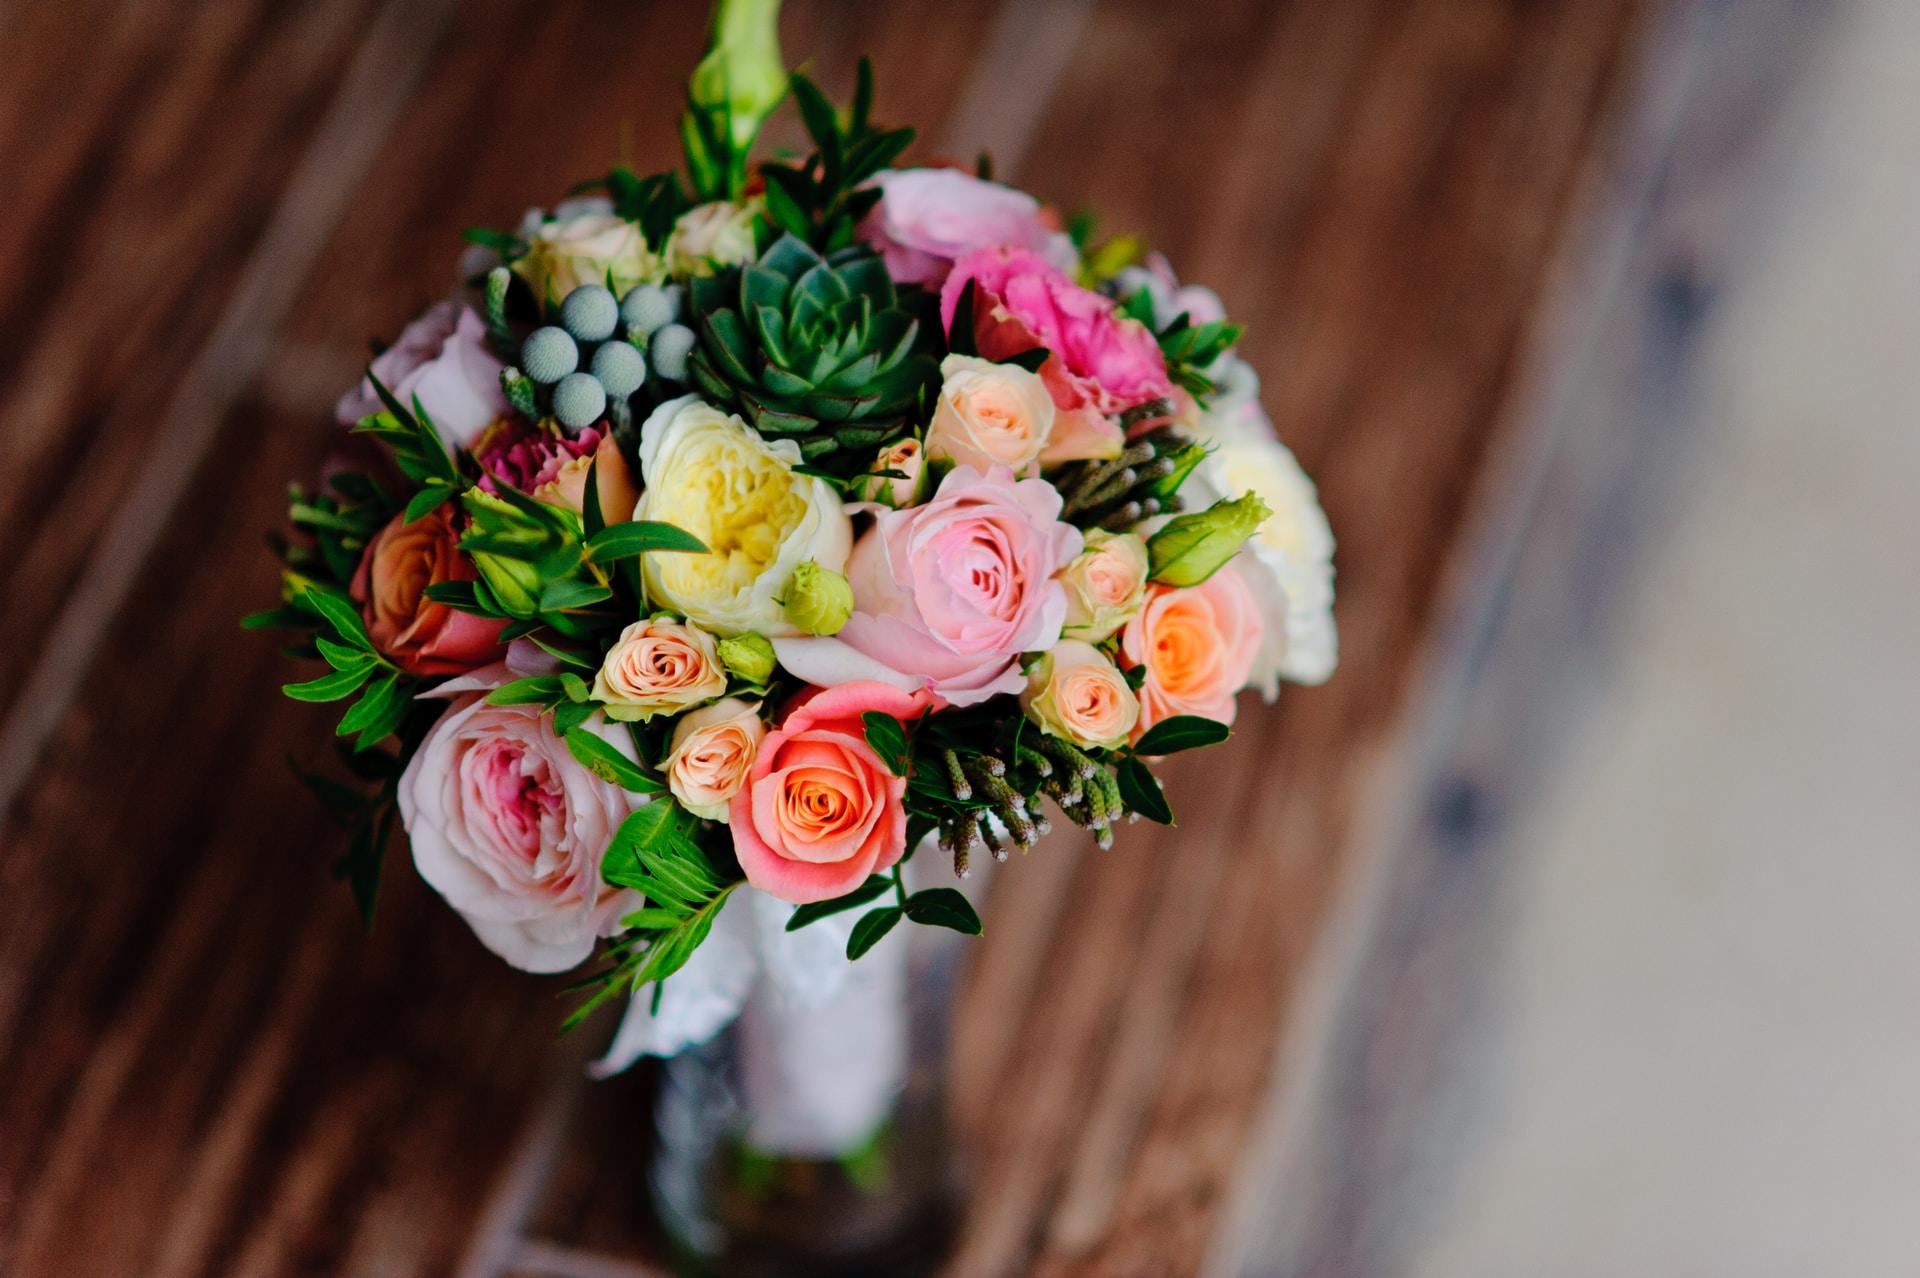 τριαντάφυλλα για την αγαπημένη σας